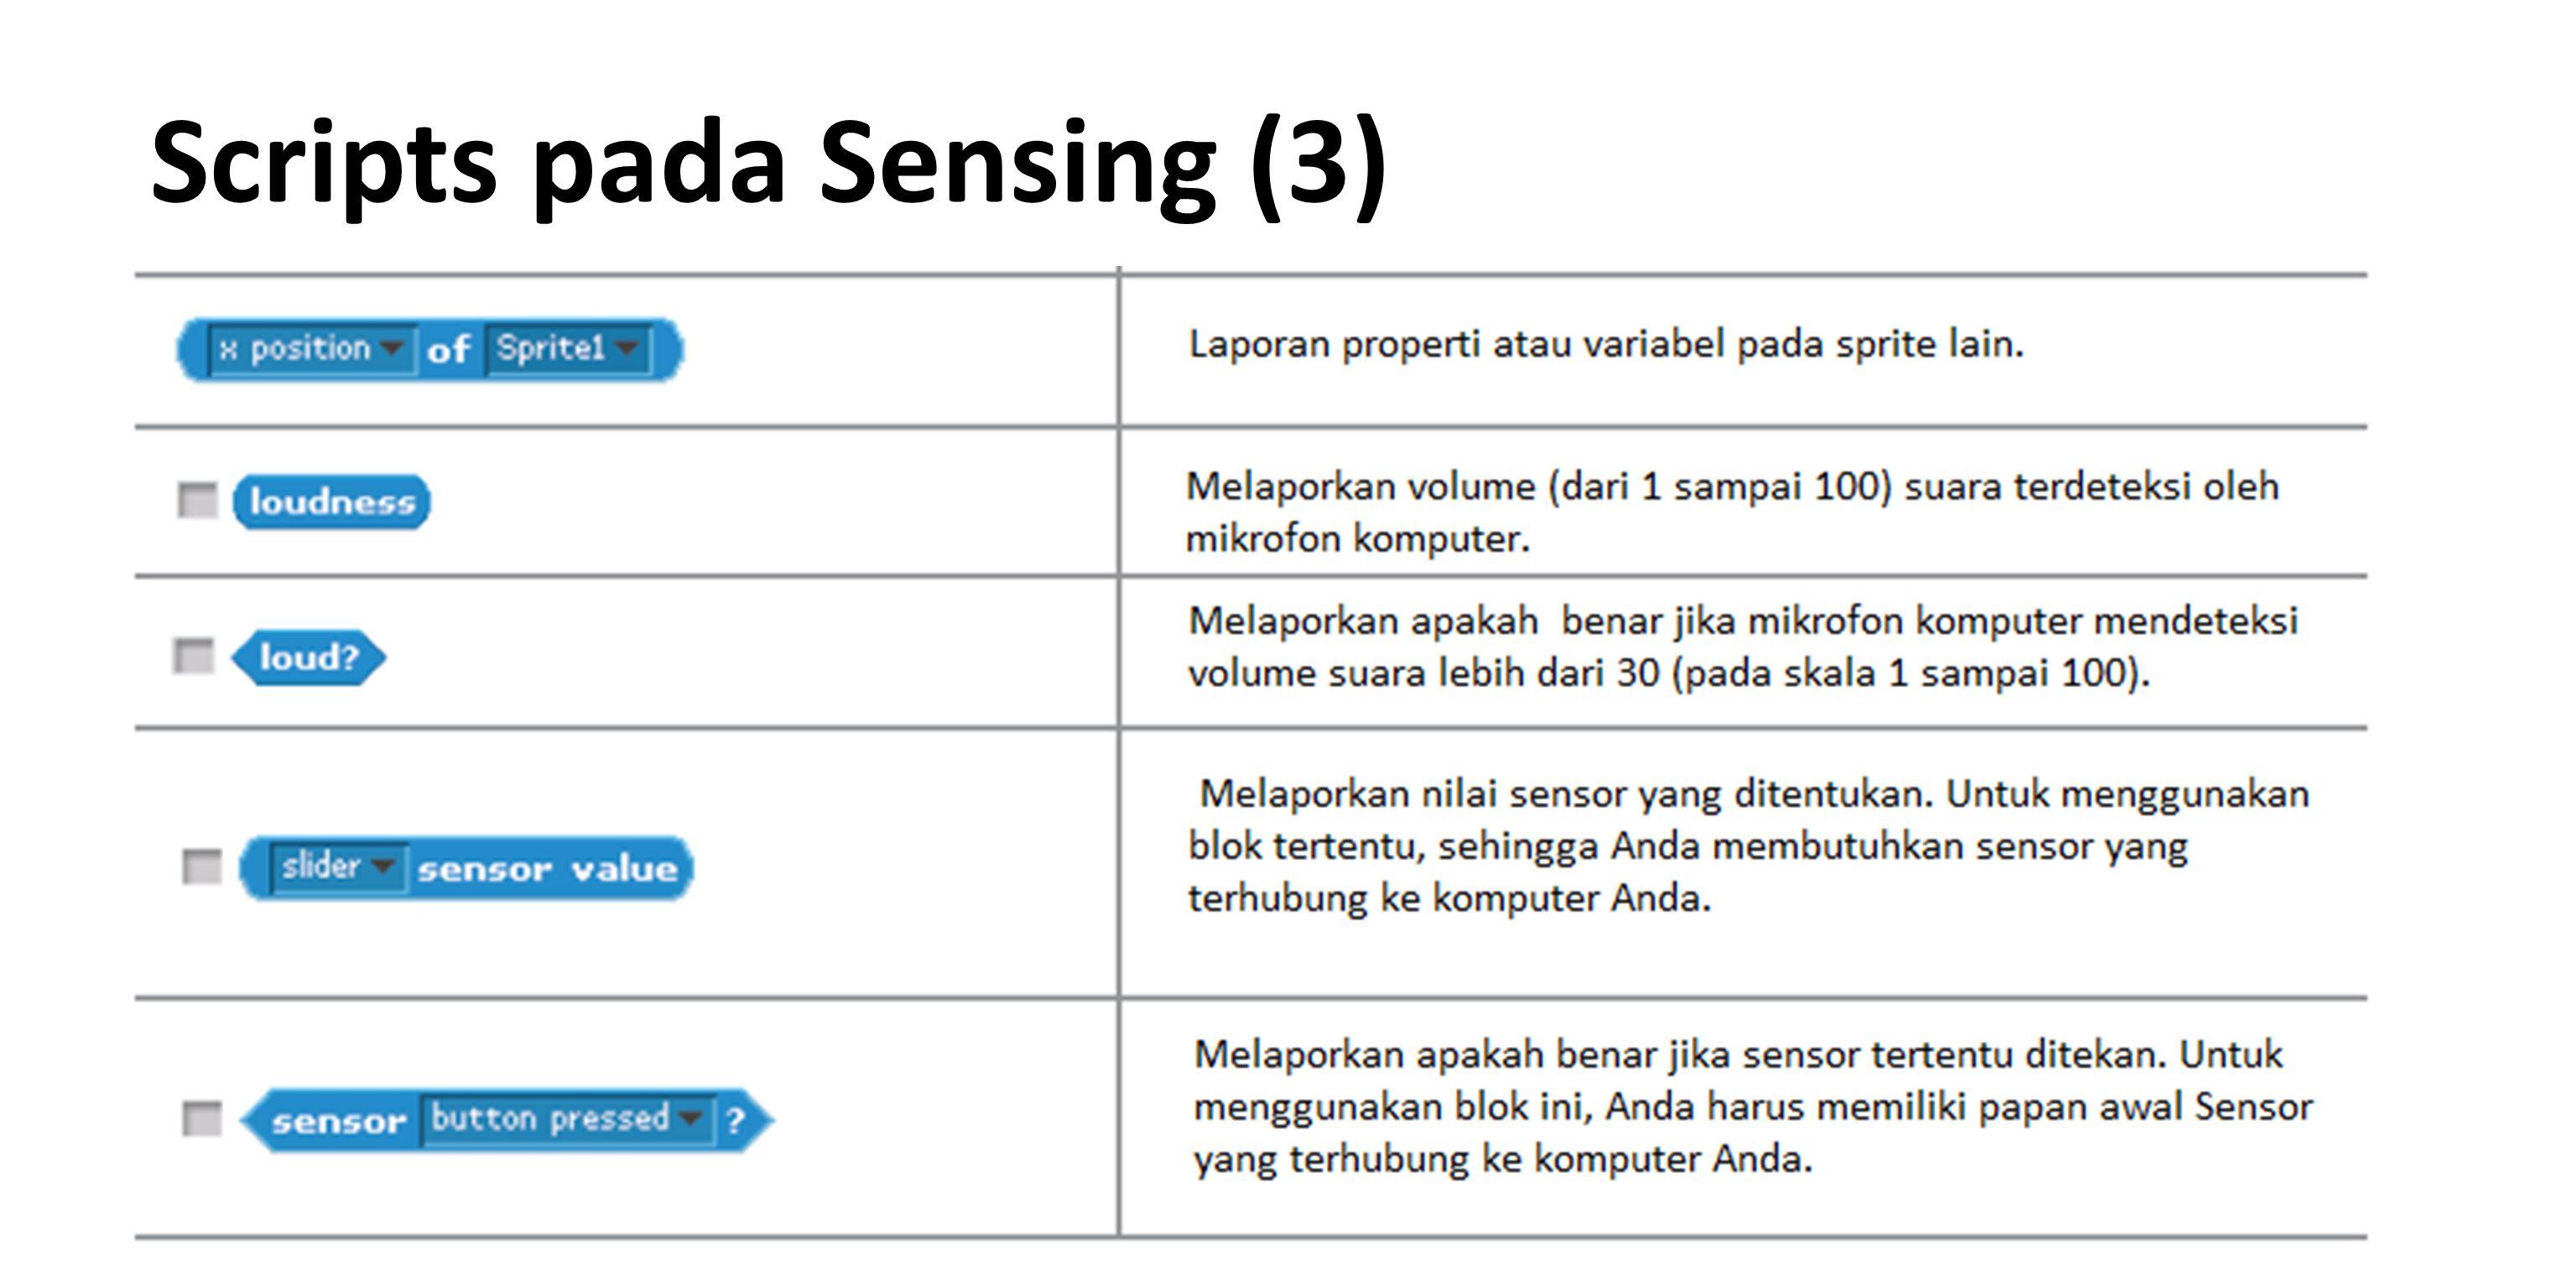 Scripts pada Sensing (3)